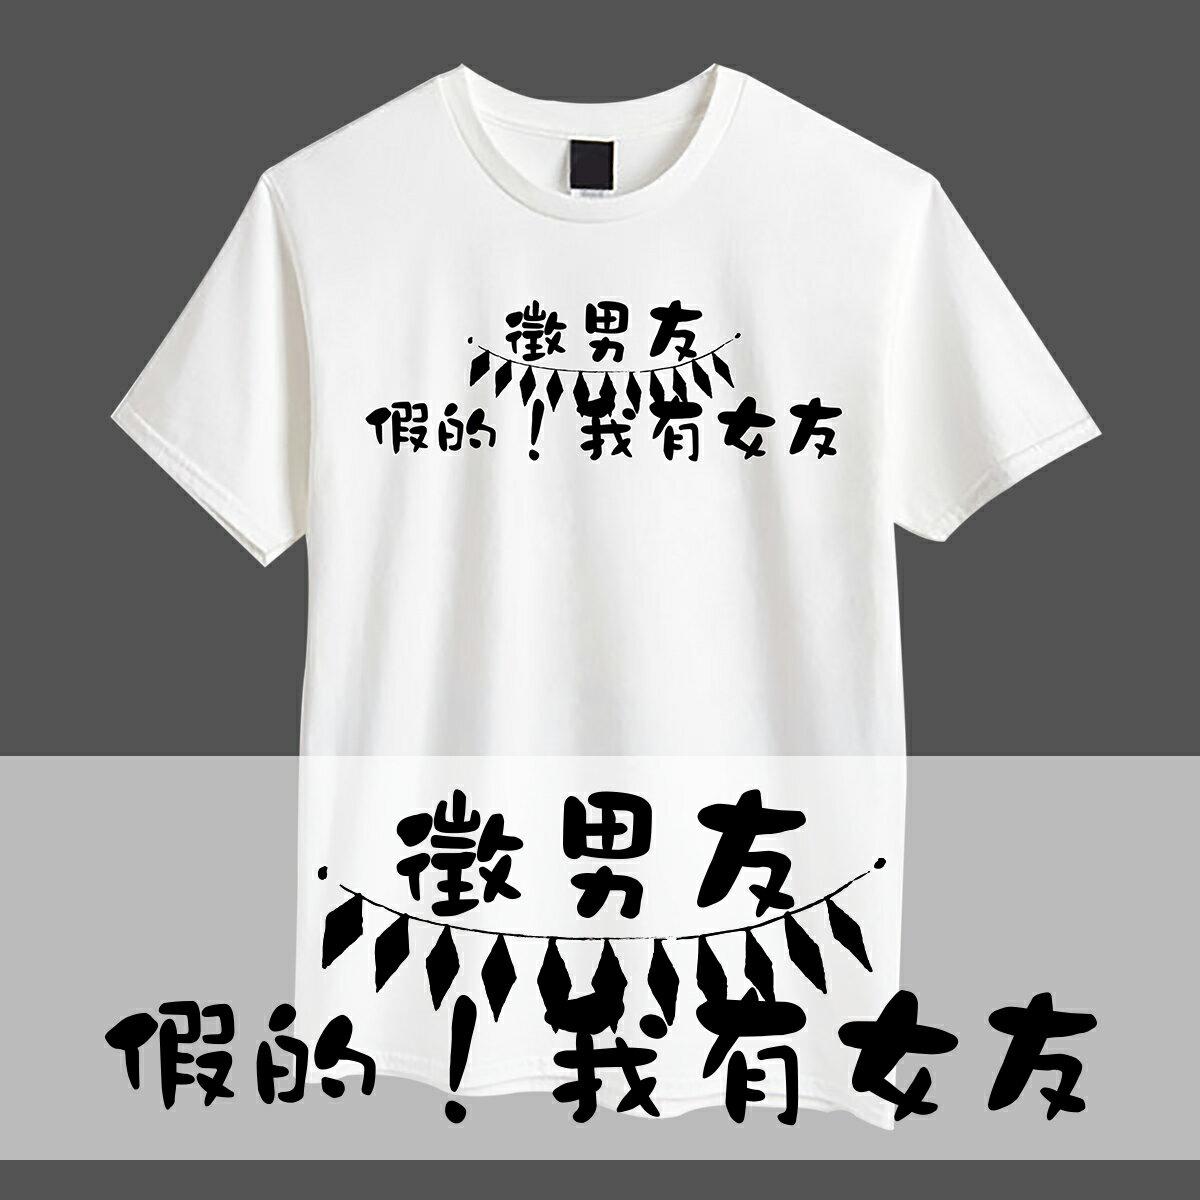 ✨文字系列✨徵男友!假的 我有男友 潮流休閒短袖T恤/自己的T恤自己做-色T!100%純棉台製棉T素材!一件也可以做!多件另有優惠!歡迎團體訂做! 1